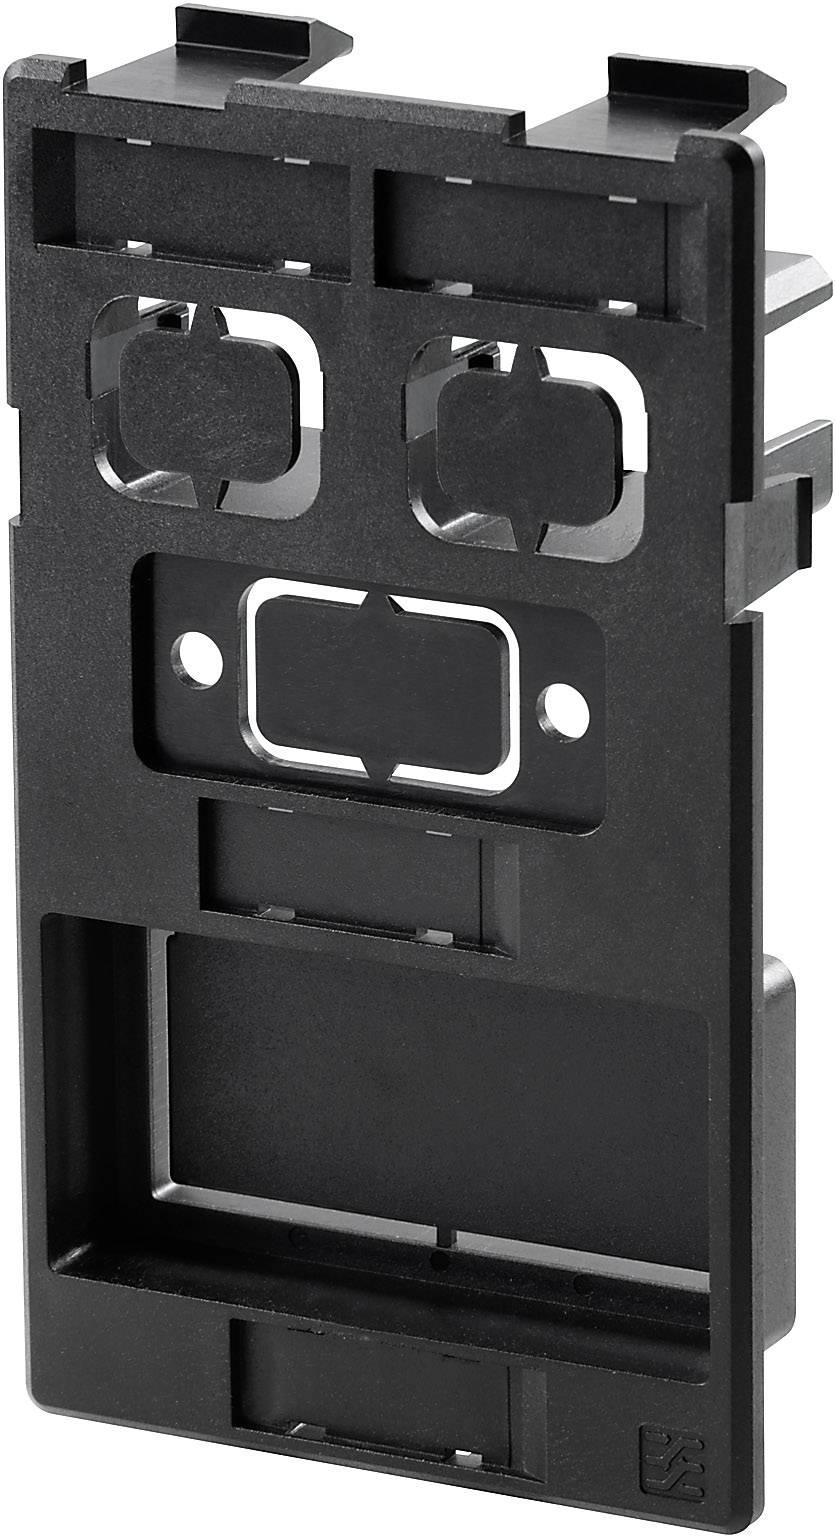 FrontCom® Vario použití desky, nestíněný, 1x Power, 2x, 1x signální IE-FC-IP-PWS/2ST/1D9 Weidmüller Množství: 1 ks